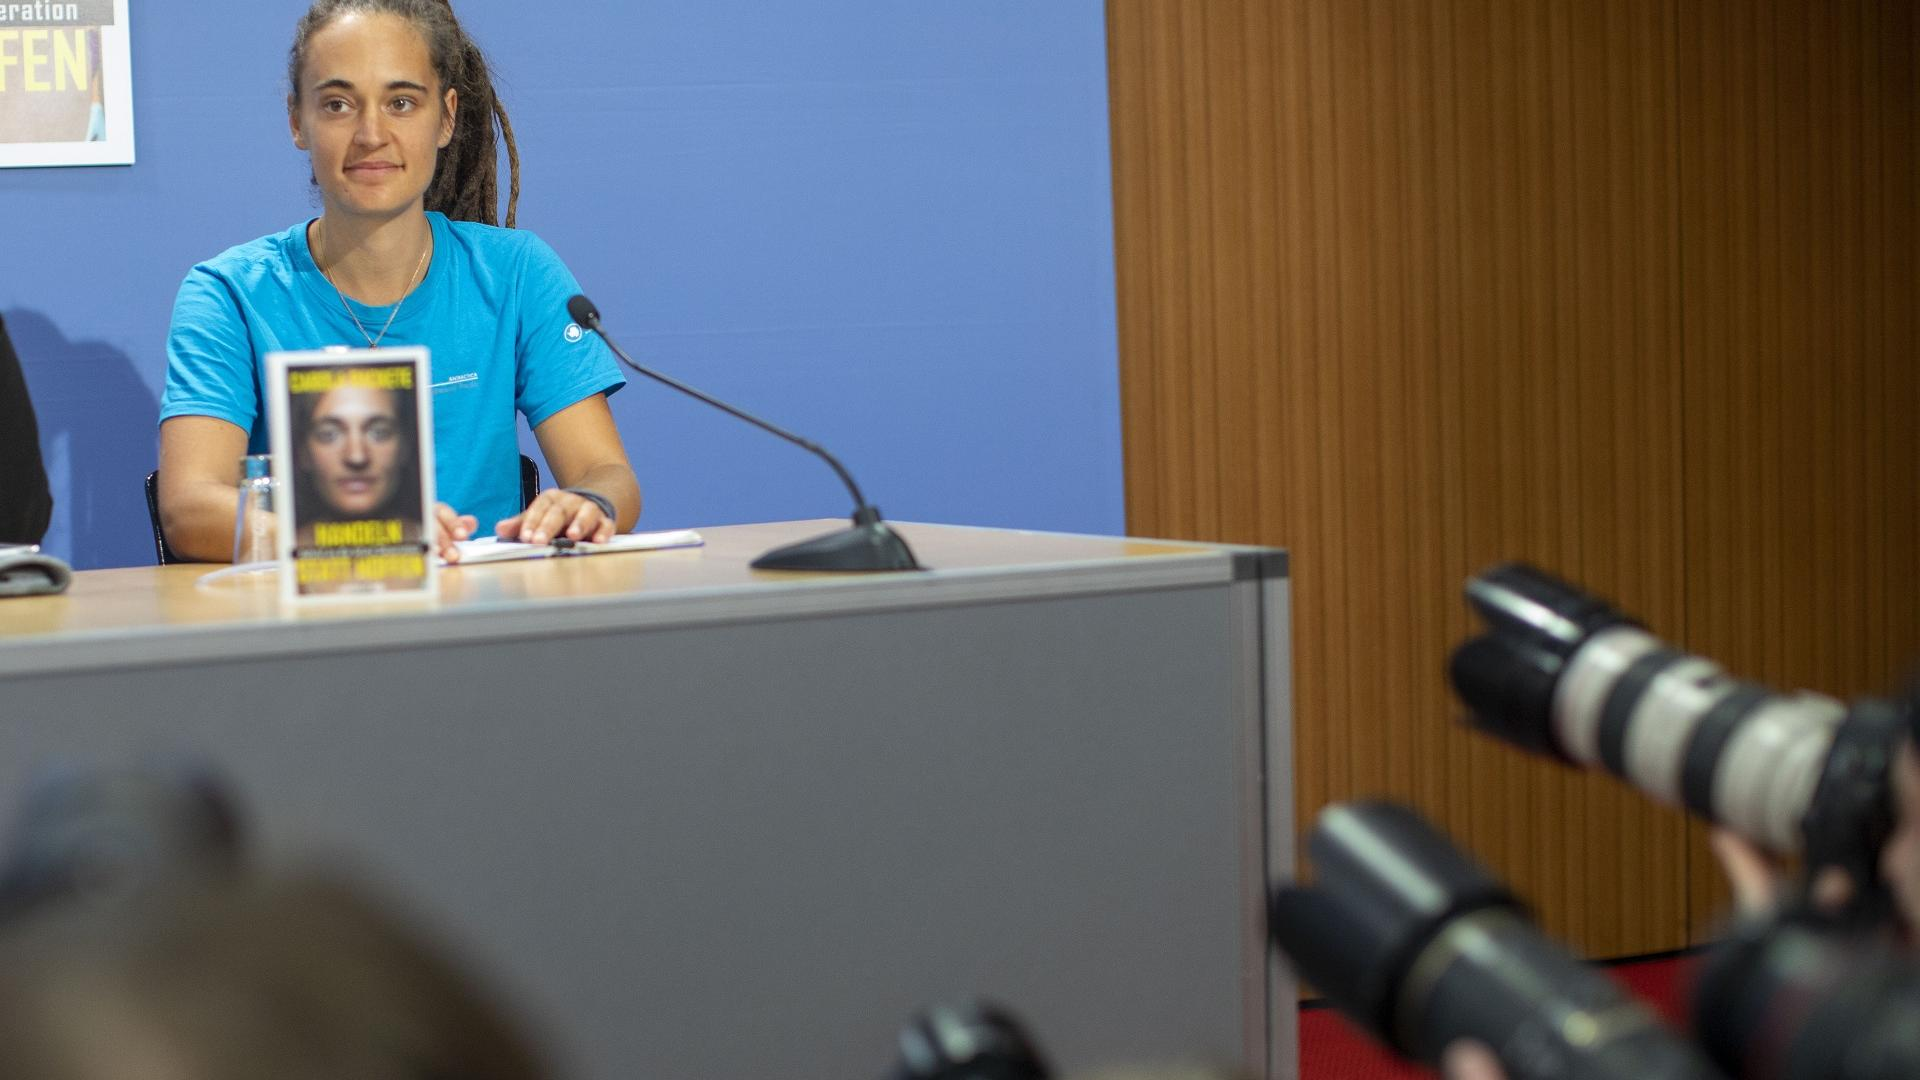 Carola Rackete bei ihrer Buchvorstellung